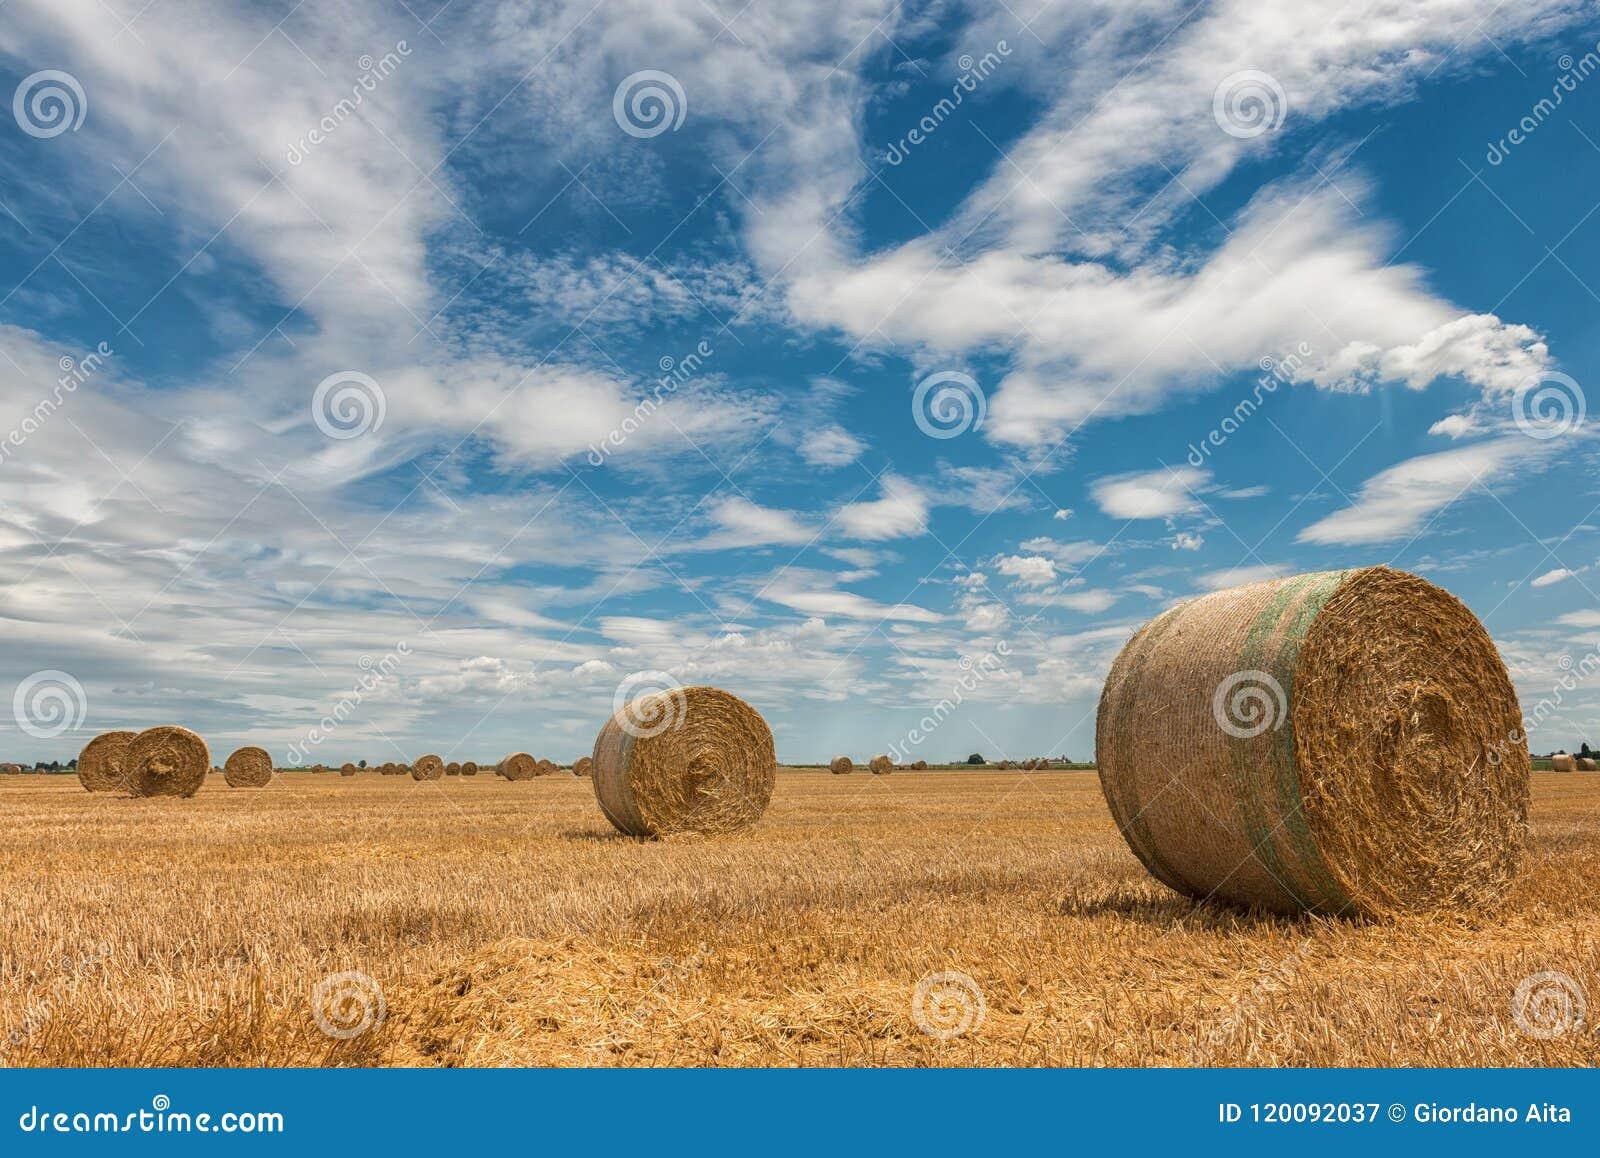 Campos de trigo colhidos